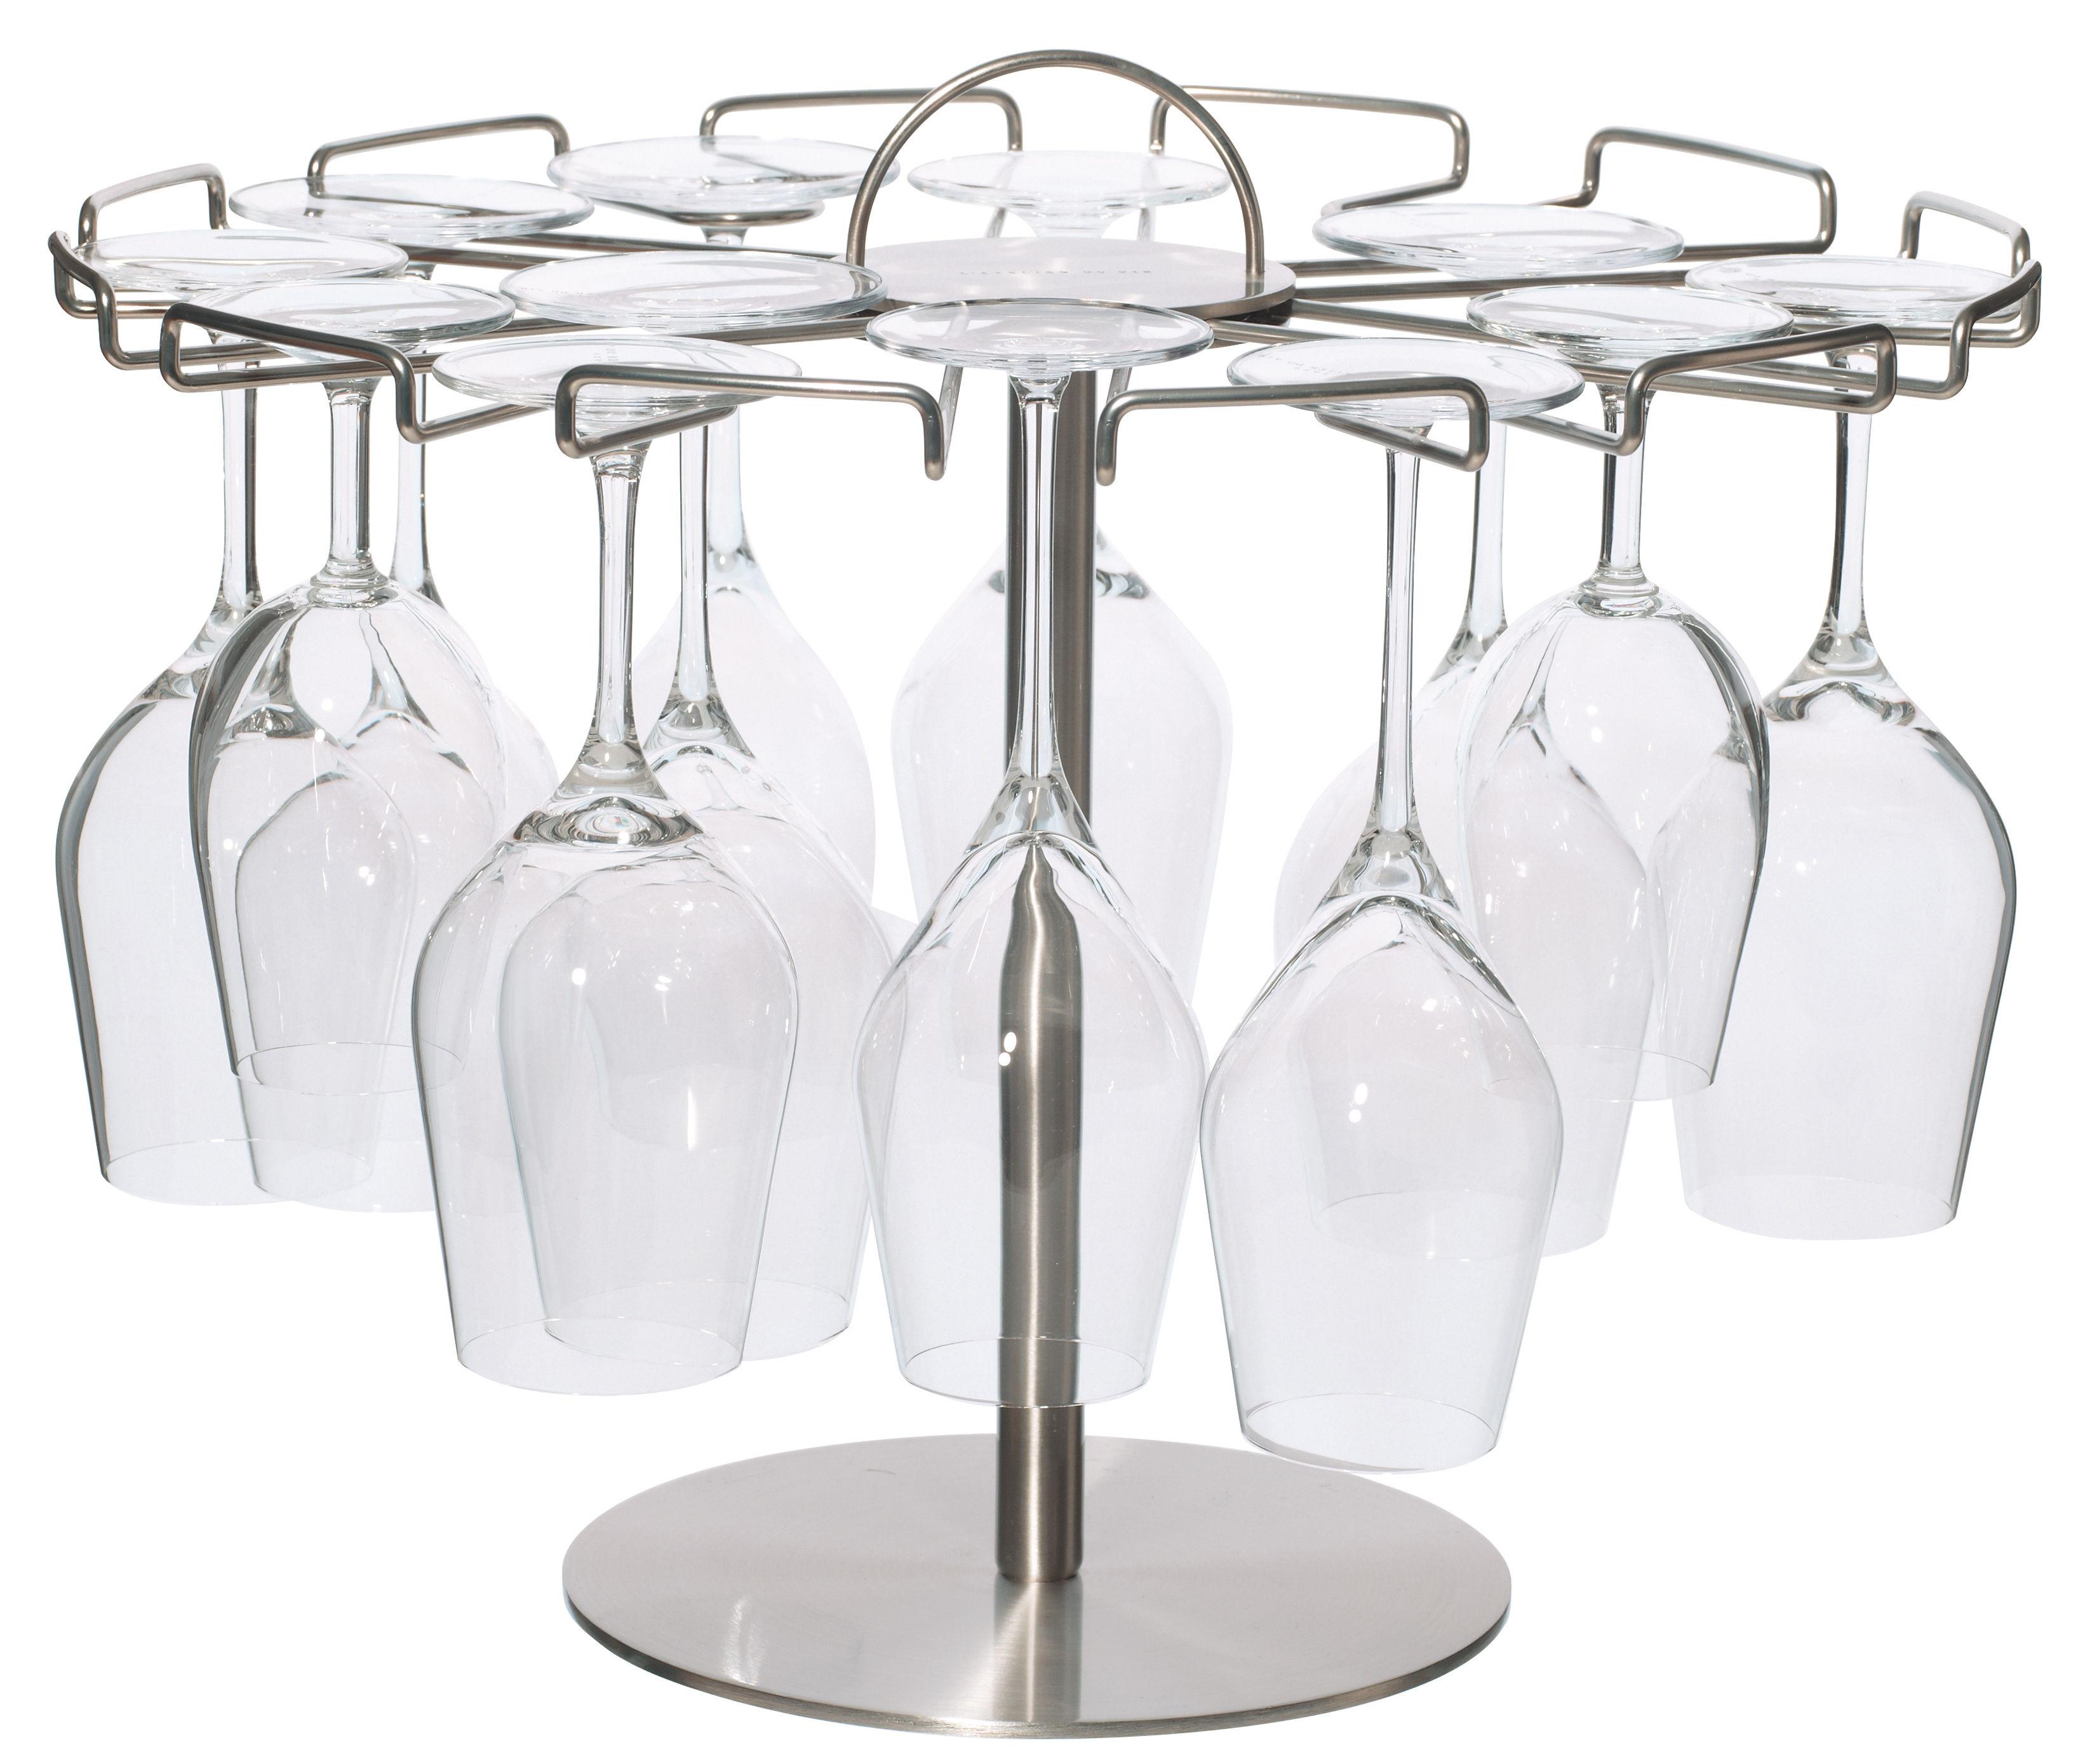 Arts de la table - Bar, vin, apéritif - Egouttoir L'arbre à Verres  / Présentoir 18 verres - L'Atelier du Vin - Acier - Acier chromé, Acier inoxydable